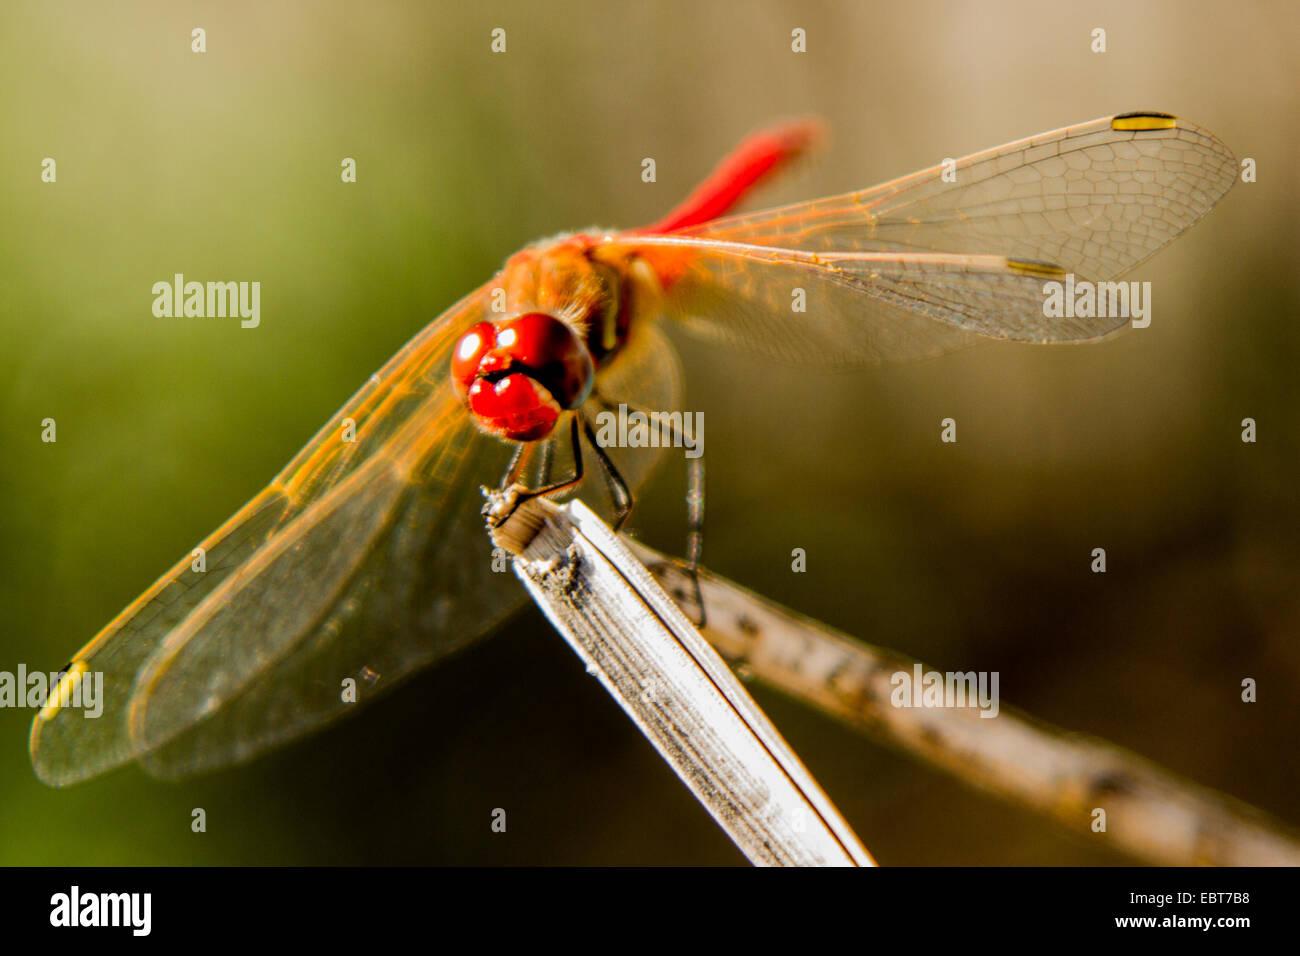 Libelle detaillierte nah oben auf einen Zweig. Stockbild